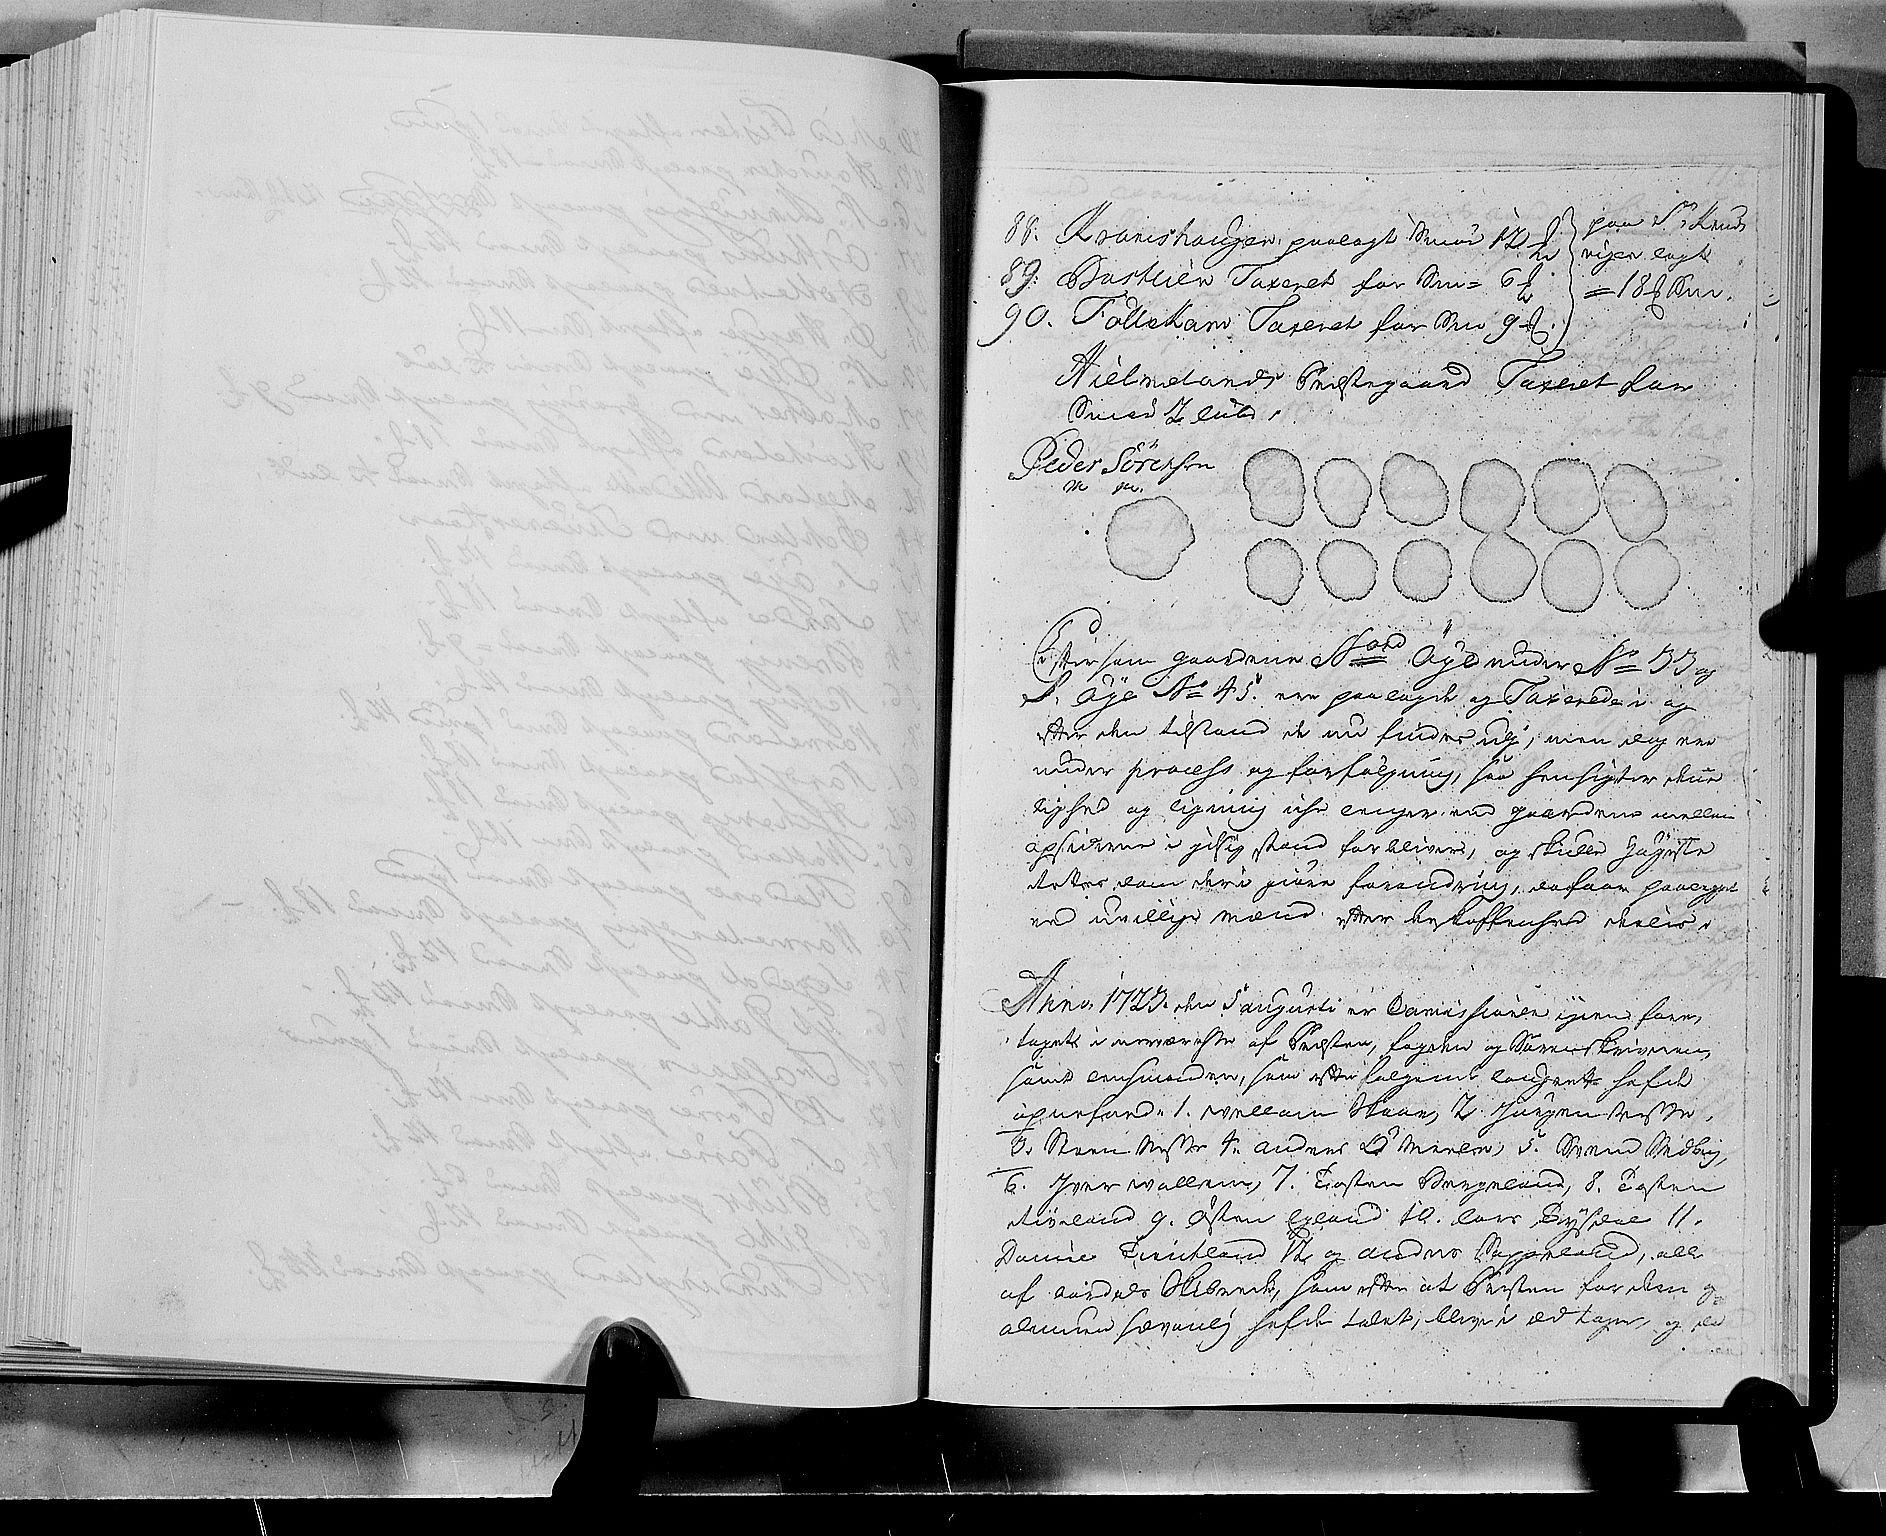 RA, Rentekammeret inntil 1814, Realistisk ordnet avdeling, N/Nb/Nbf/L0133a: Ryfylke eksaminasjonsprotokoll, 1723, s. 113b